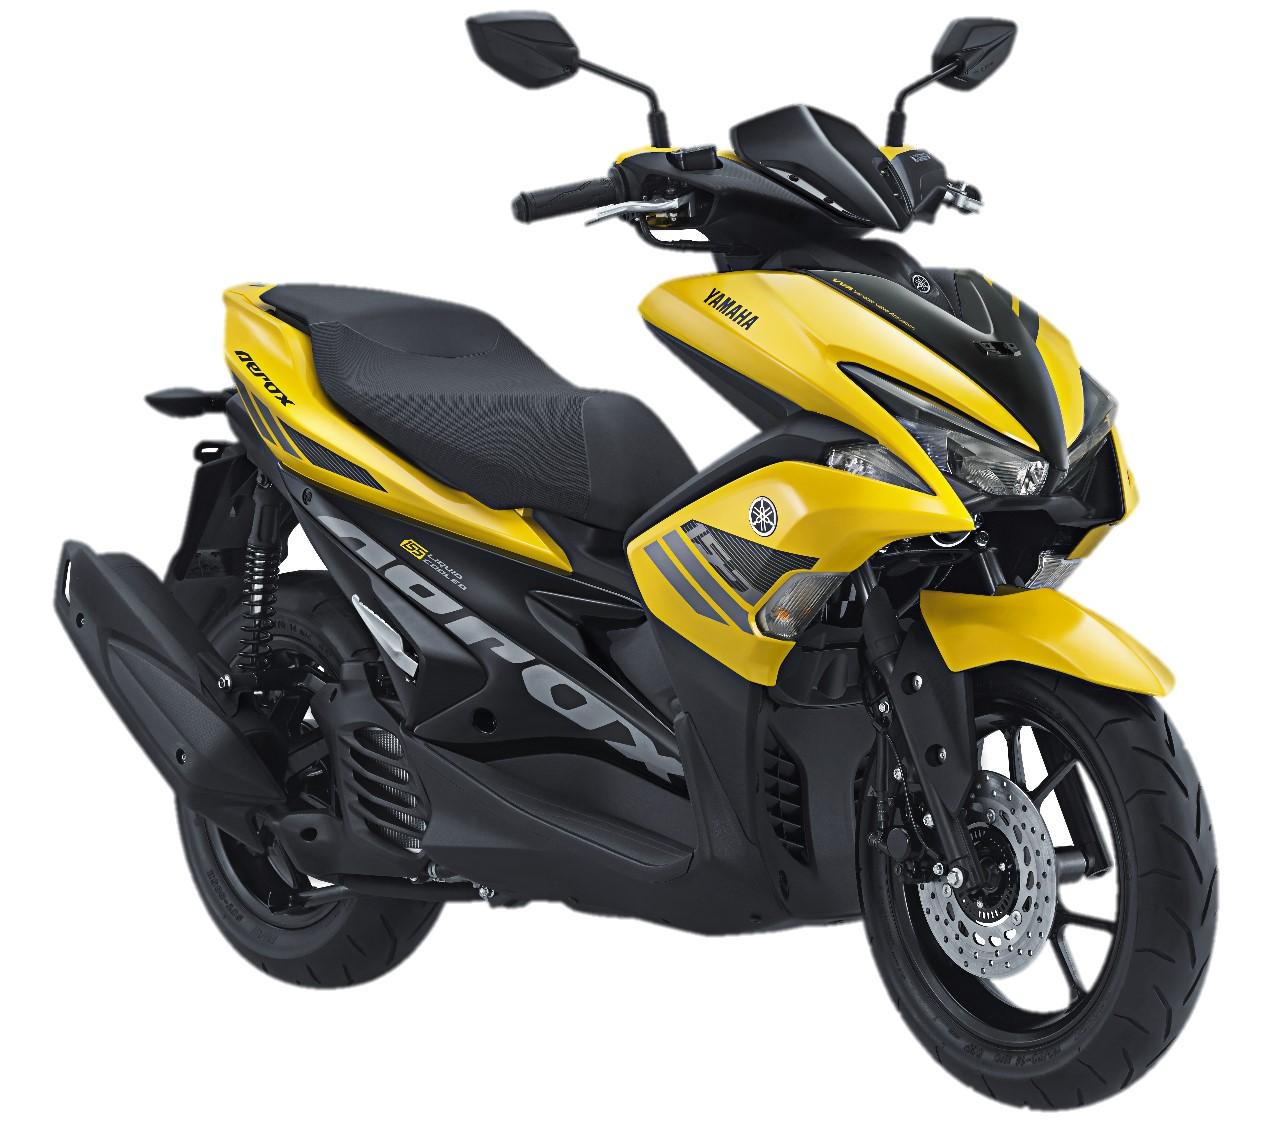 Yamaha AEROX 155 | Rental BD PS4 Motor HT - Sewa menyewa jadi lebih mudah di Spotsewa